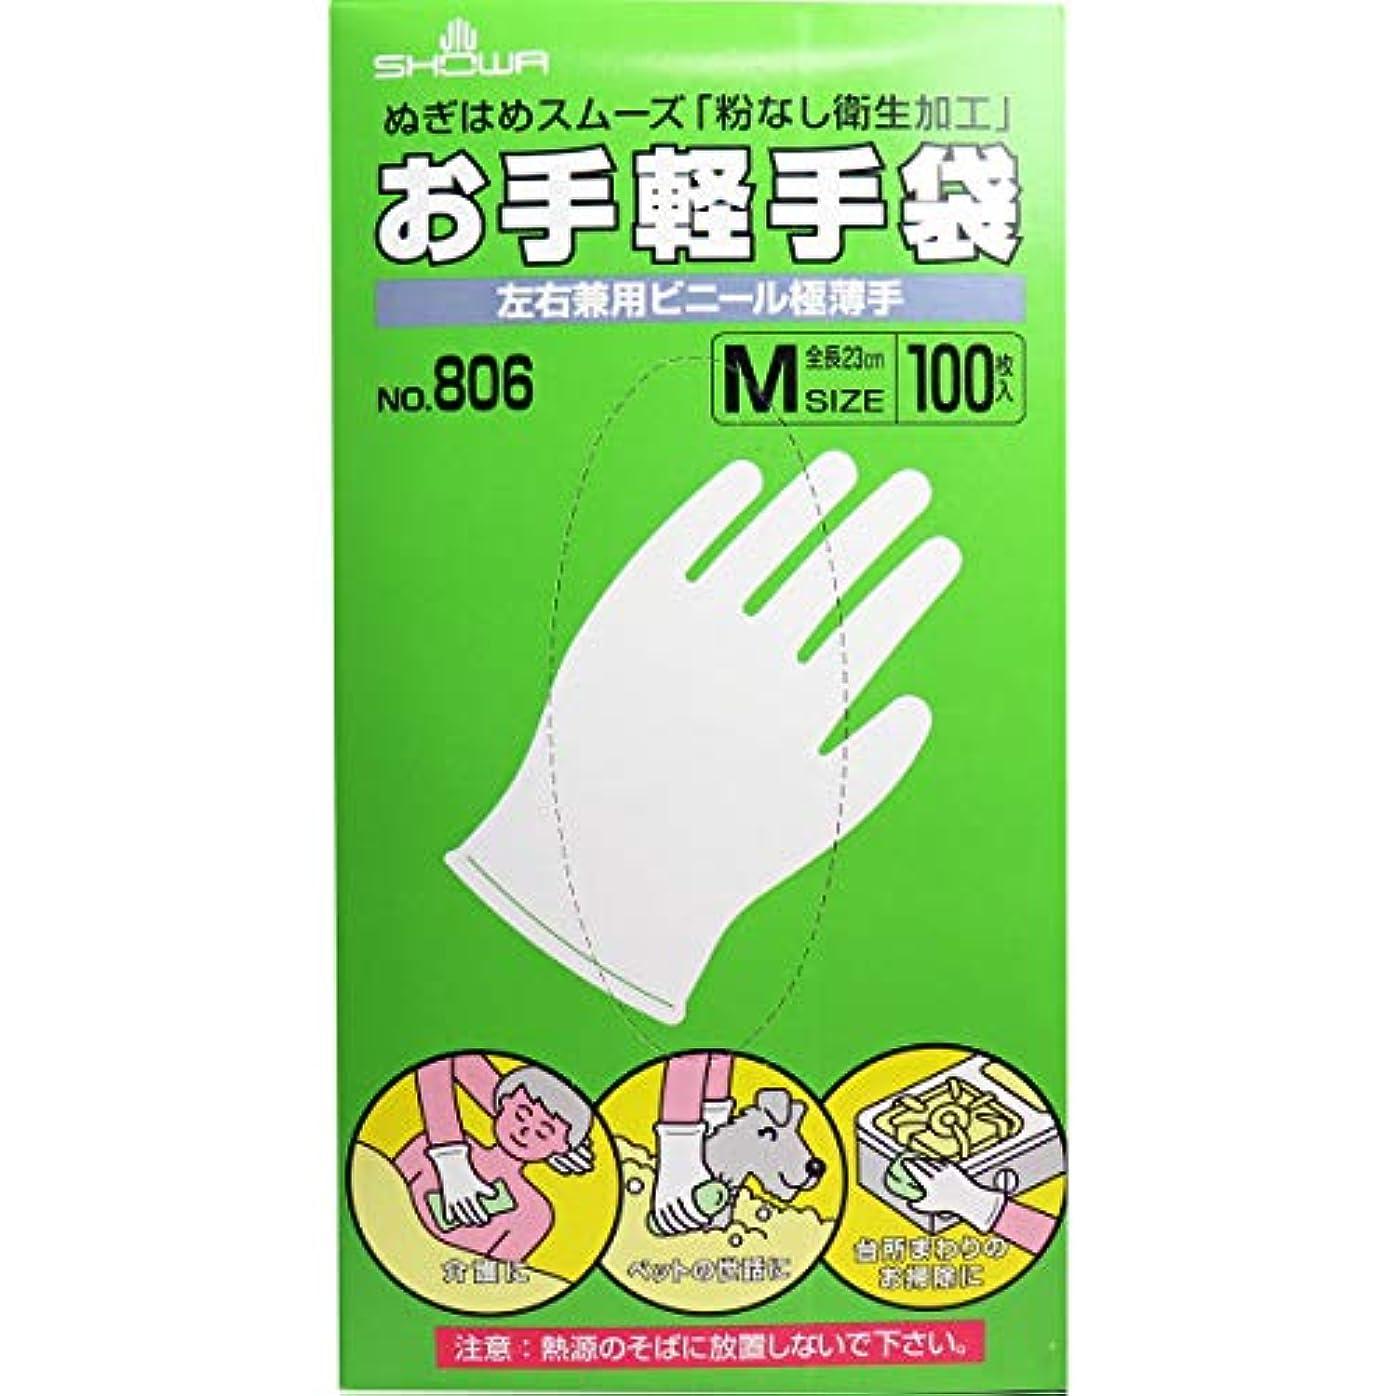 加速する保育園クリークお手軽手袋 No.806 左右兼用ビニール極薄手 粉なし Mサイズ 100枚入×5個セット